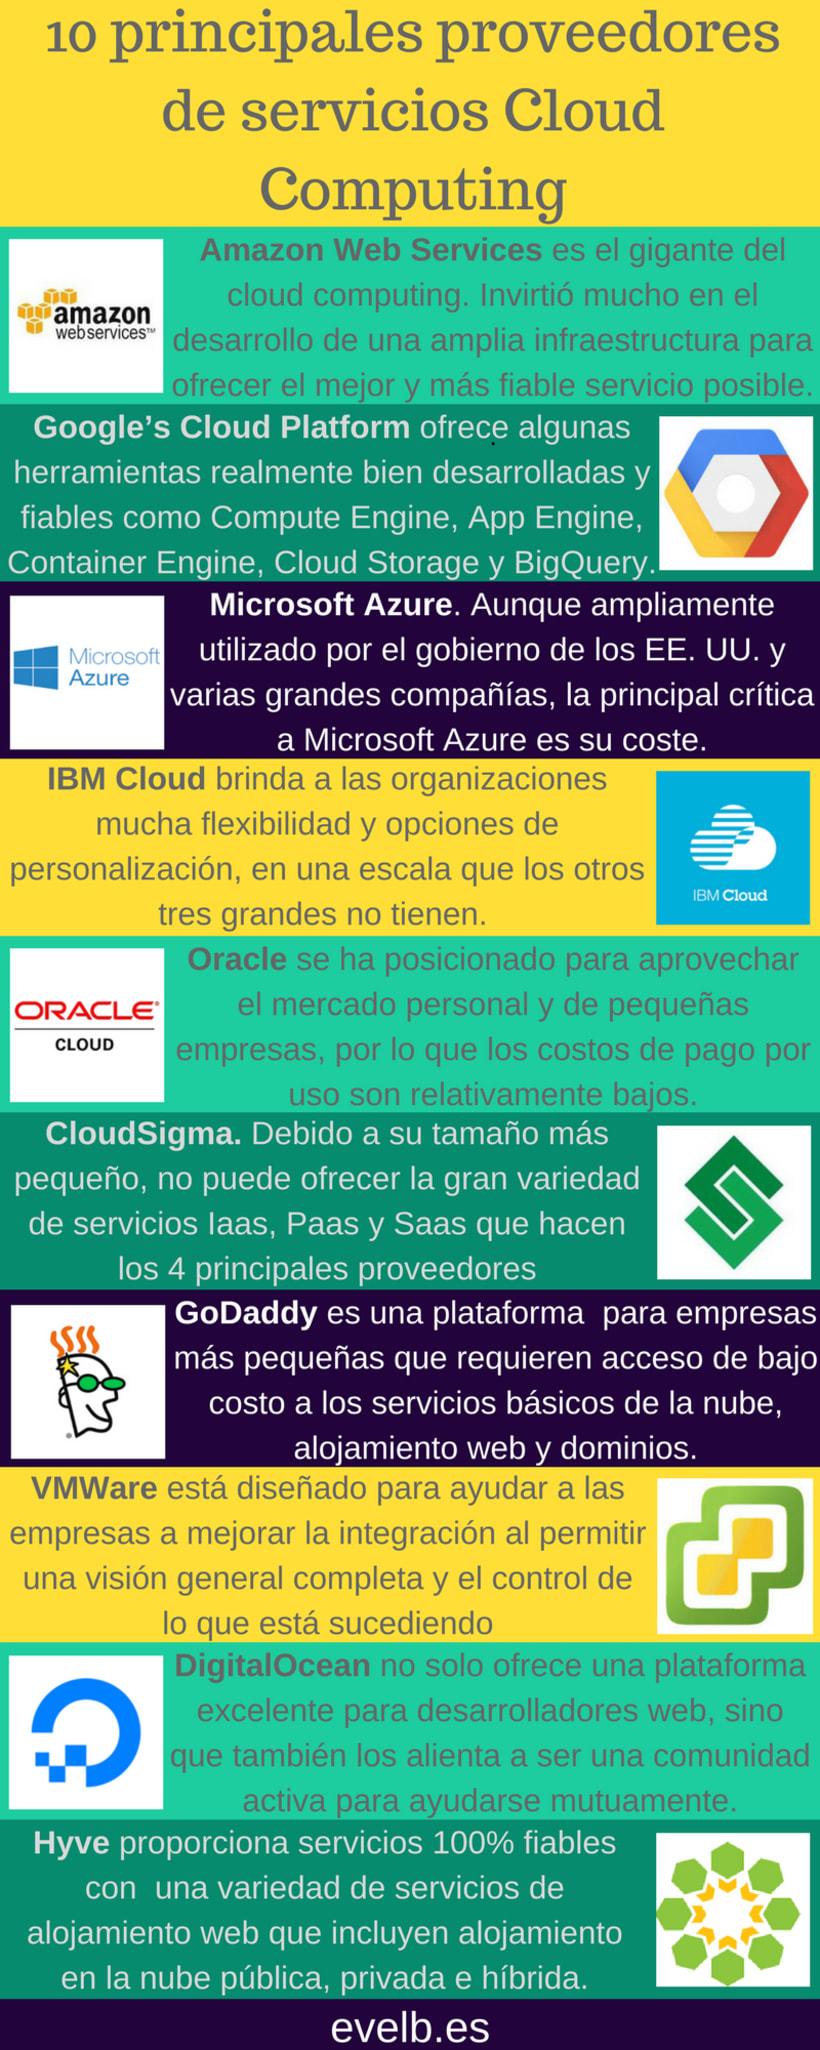 Infografías evelb.es 23